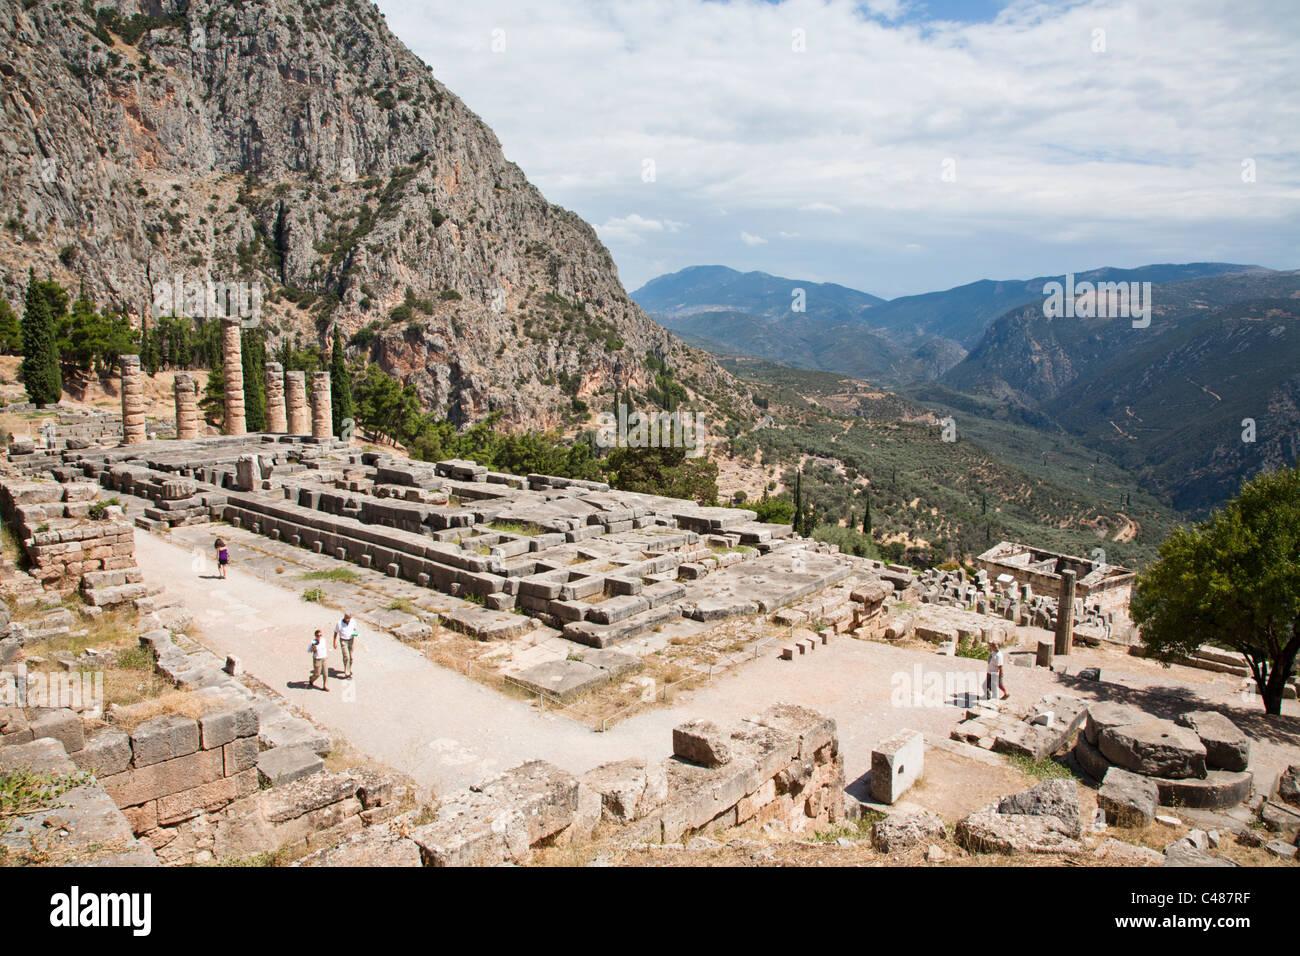 The Temple of Apollo, Delphi Greece Stock Photo